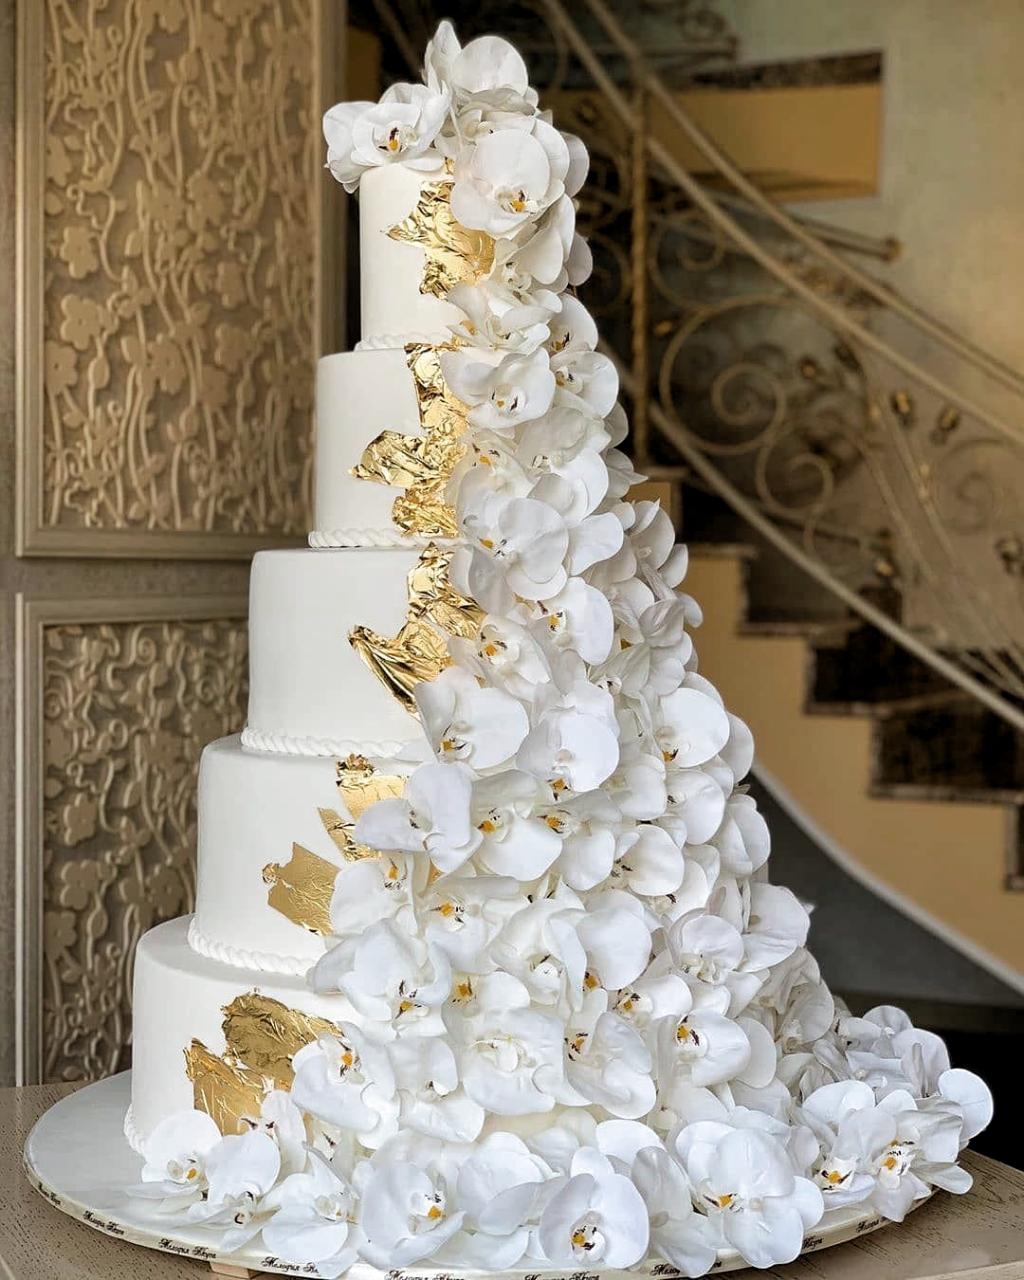 Fancy Wedding Cakes Wedding Cakes Weddingcakes Cake By Melodia Vkusa Cakedec Cake Cakedec Ca In 2020 Floral Wedding Cakes Dream Wedding Cake Gold Wedding Cake